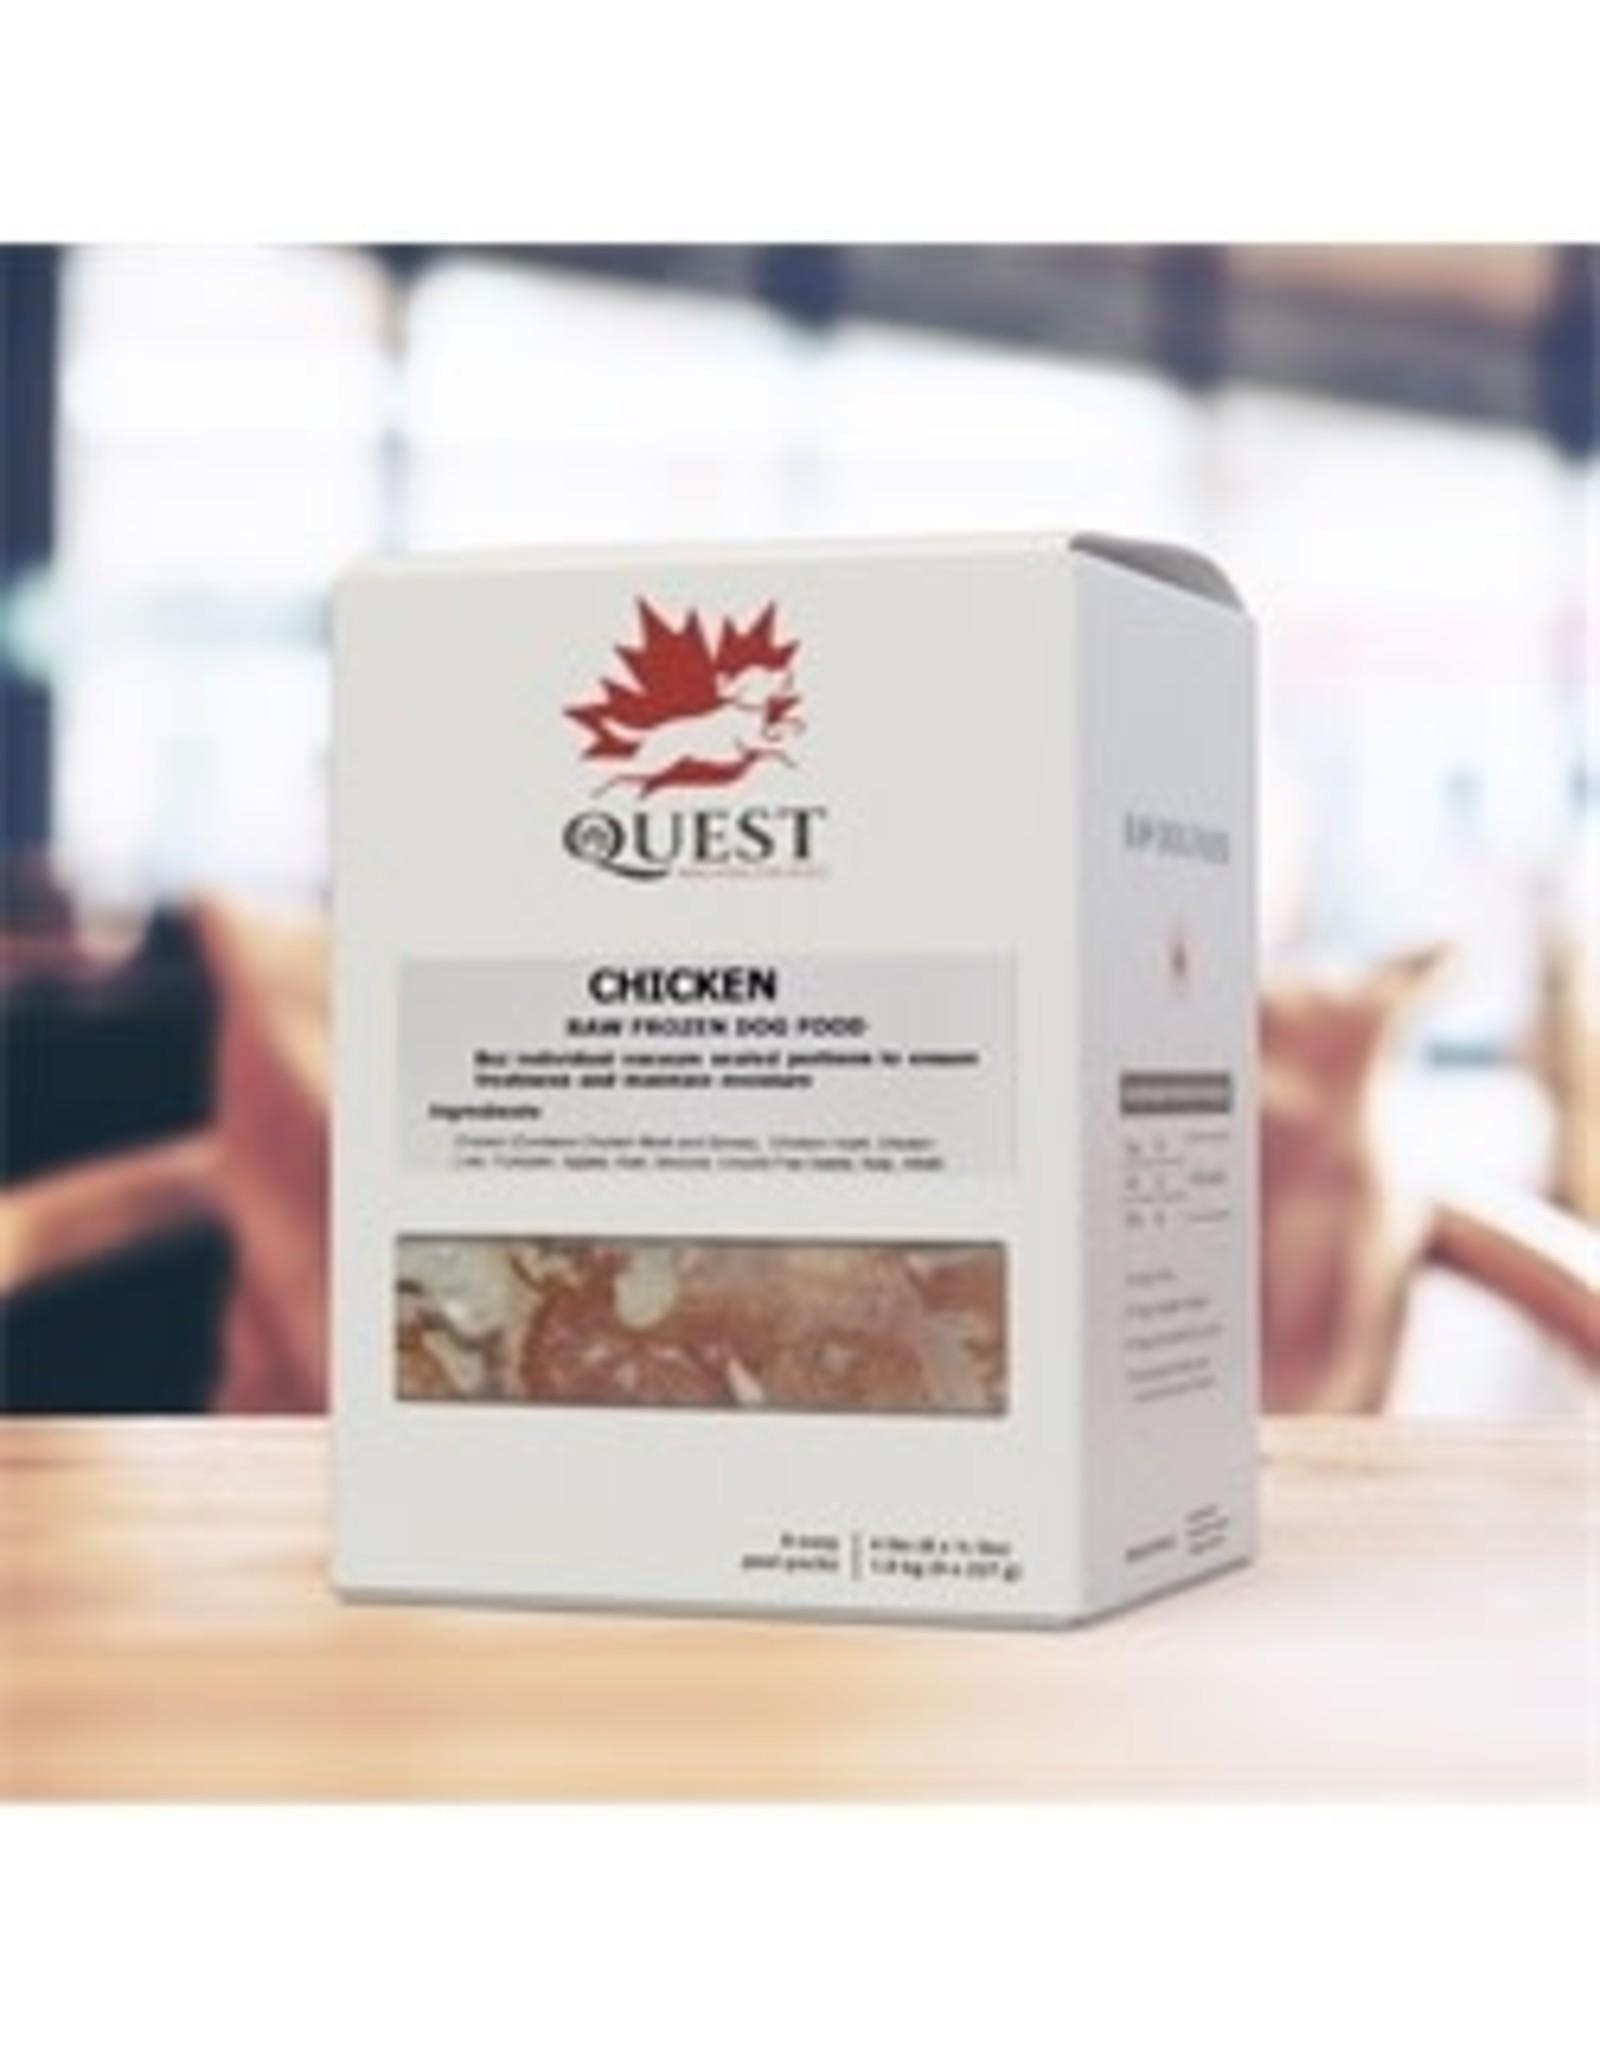 Quest Quest - 4LB  8 X 8oz Portion (Chicken)